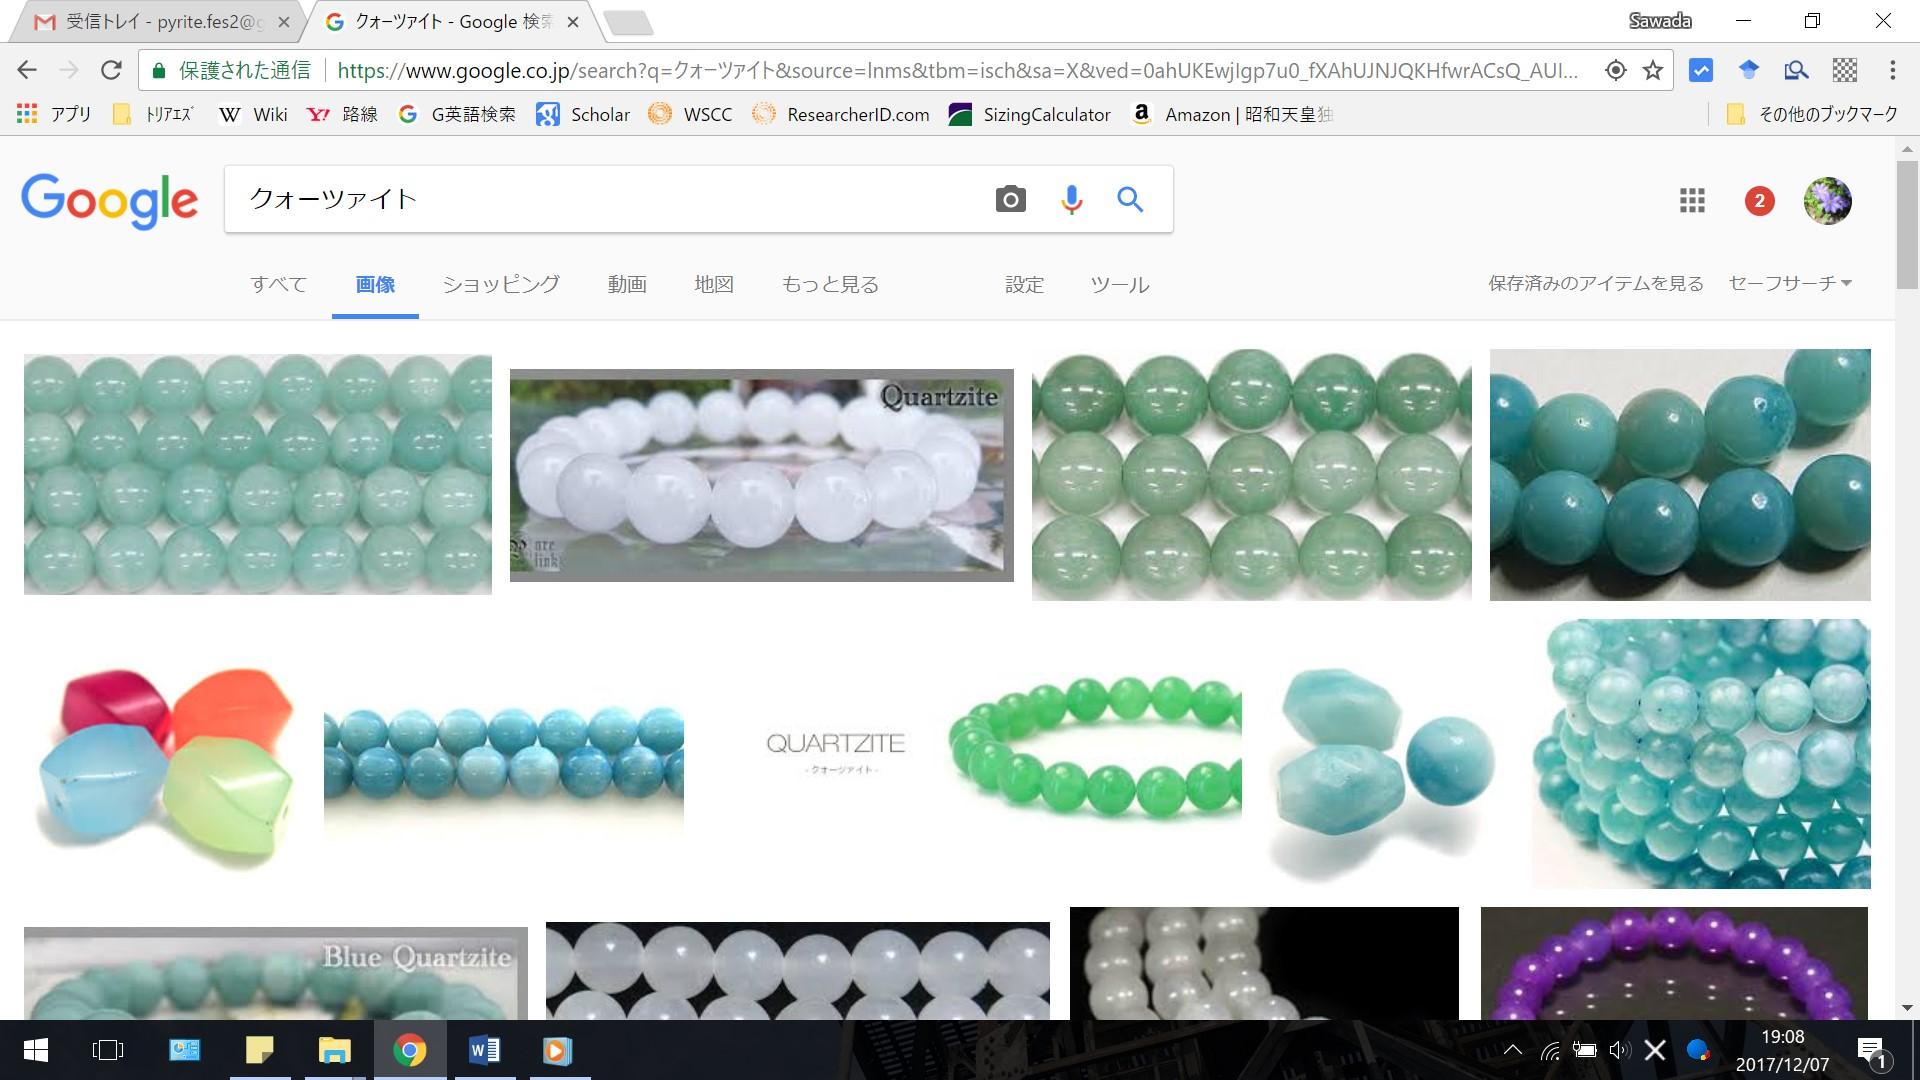 クォーツァイト Google 画像検索結果